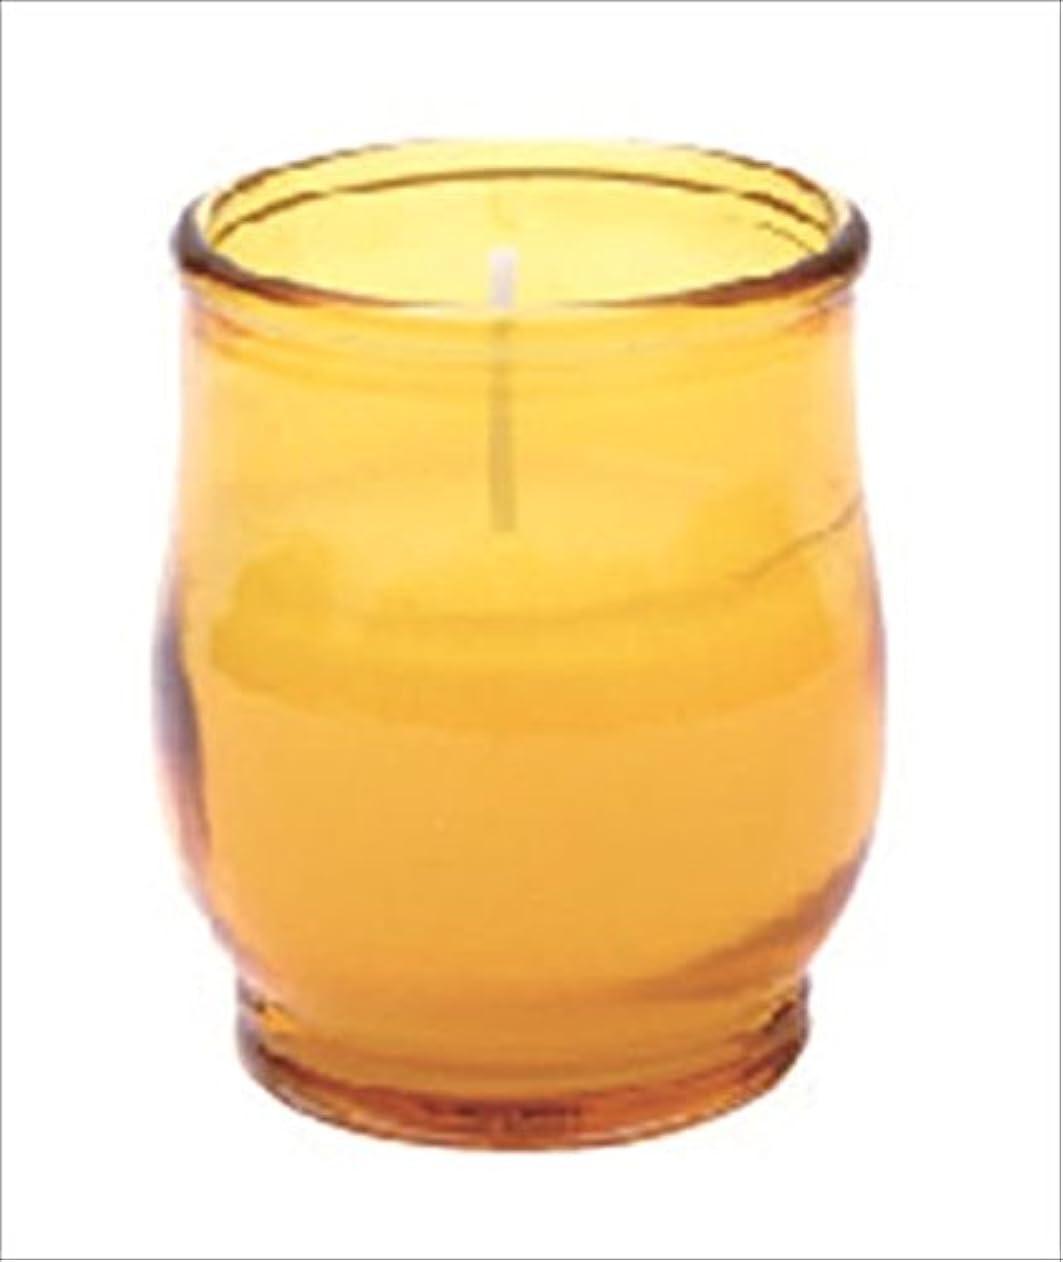 王位障害起きるkameyama candle(カメヤマキャンドル) ポシェ 「 アンバー 」 キャンドル 68x68x80mm (73020040AM)